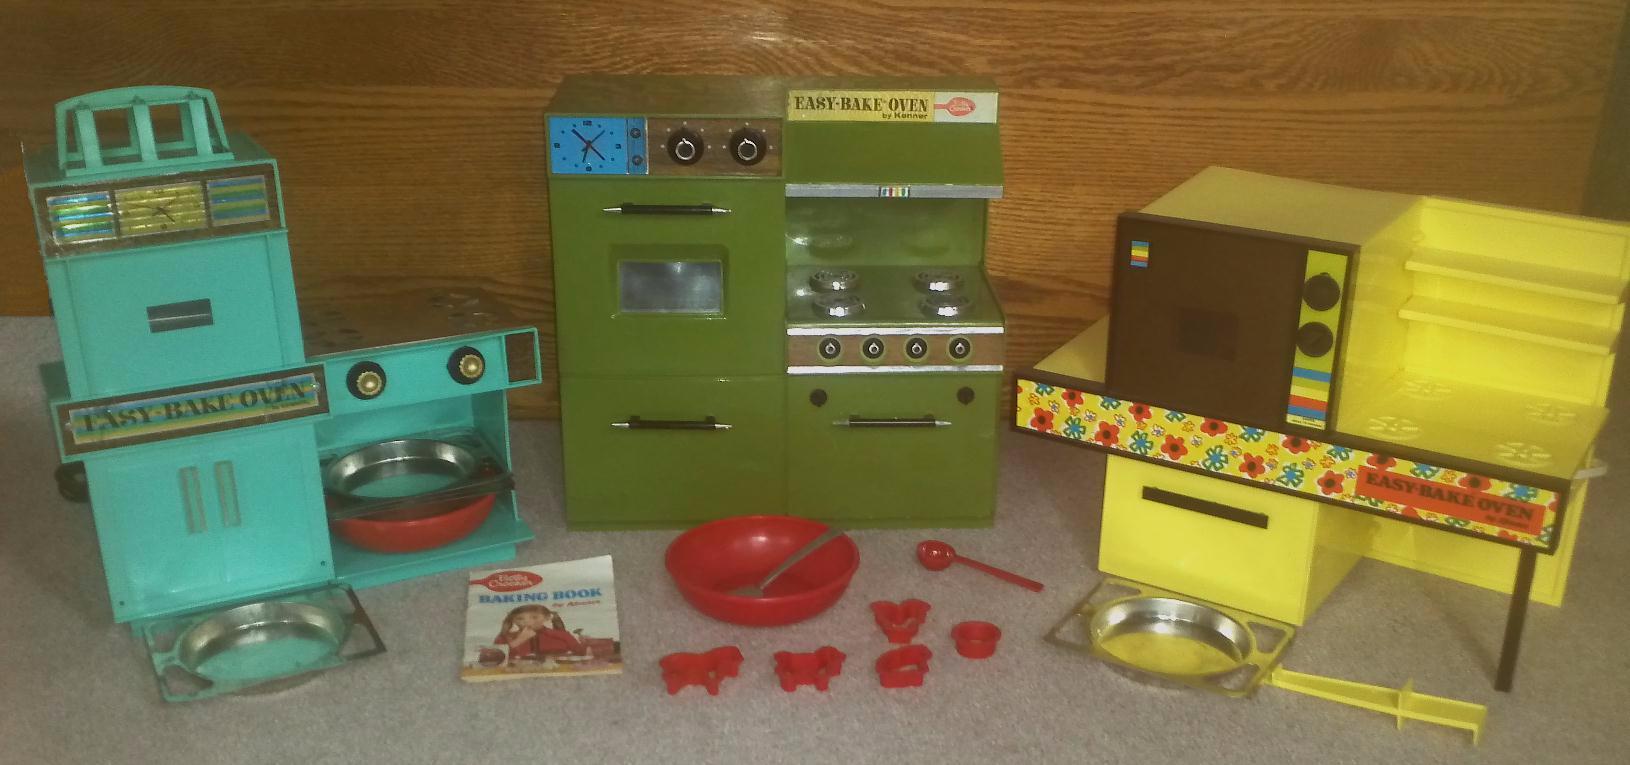 Easy Bake Ovens